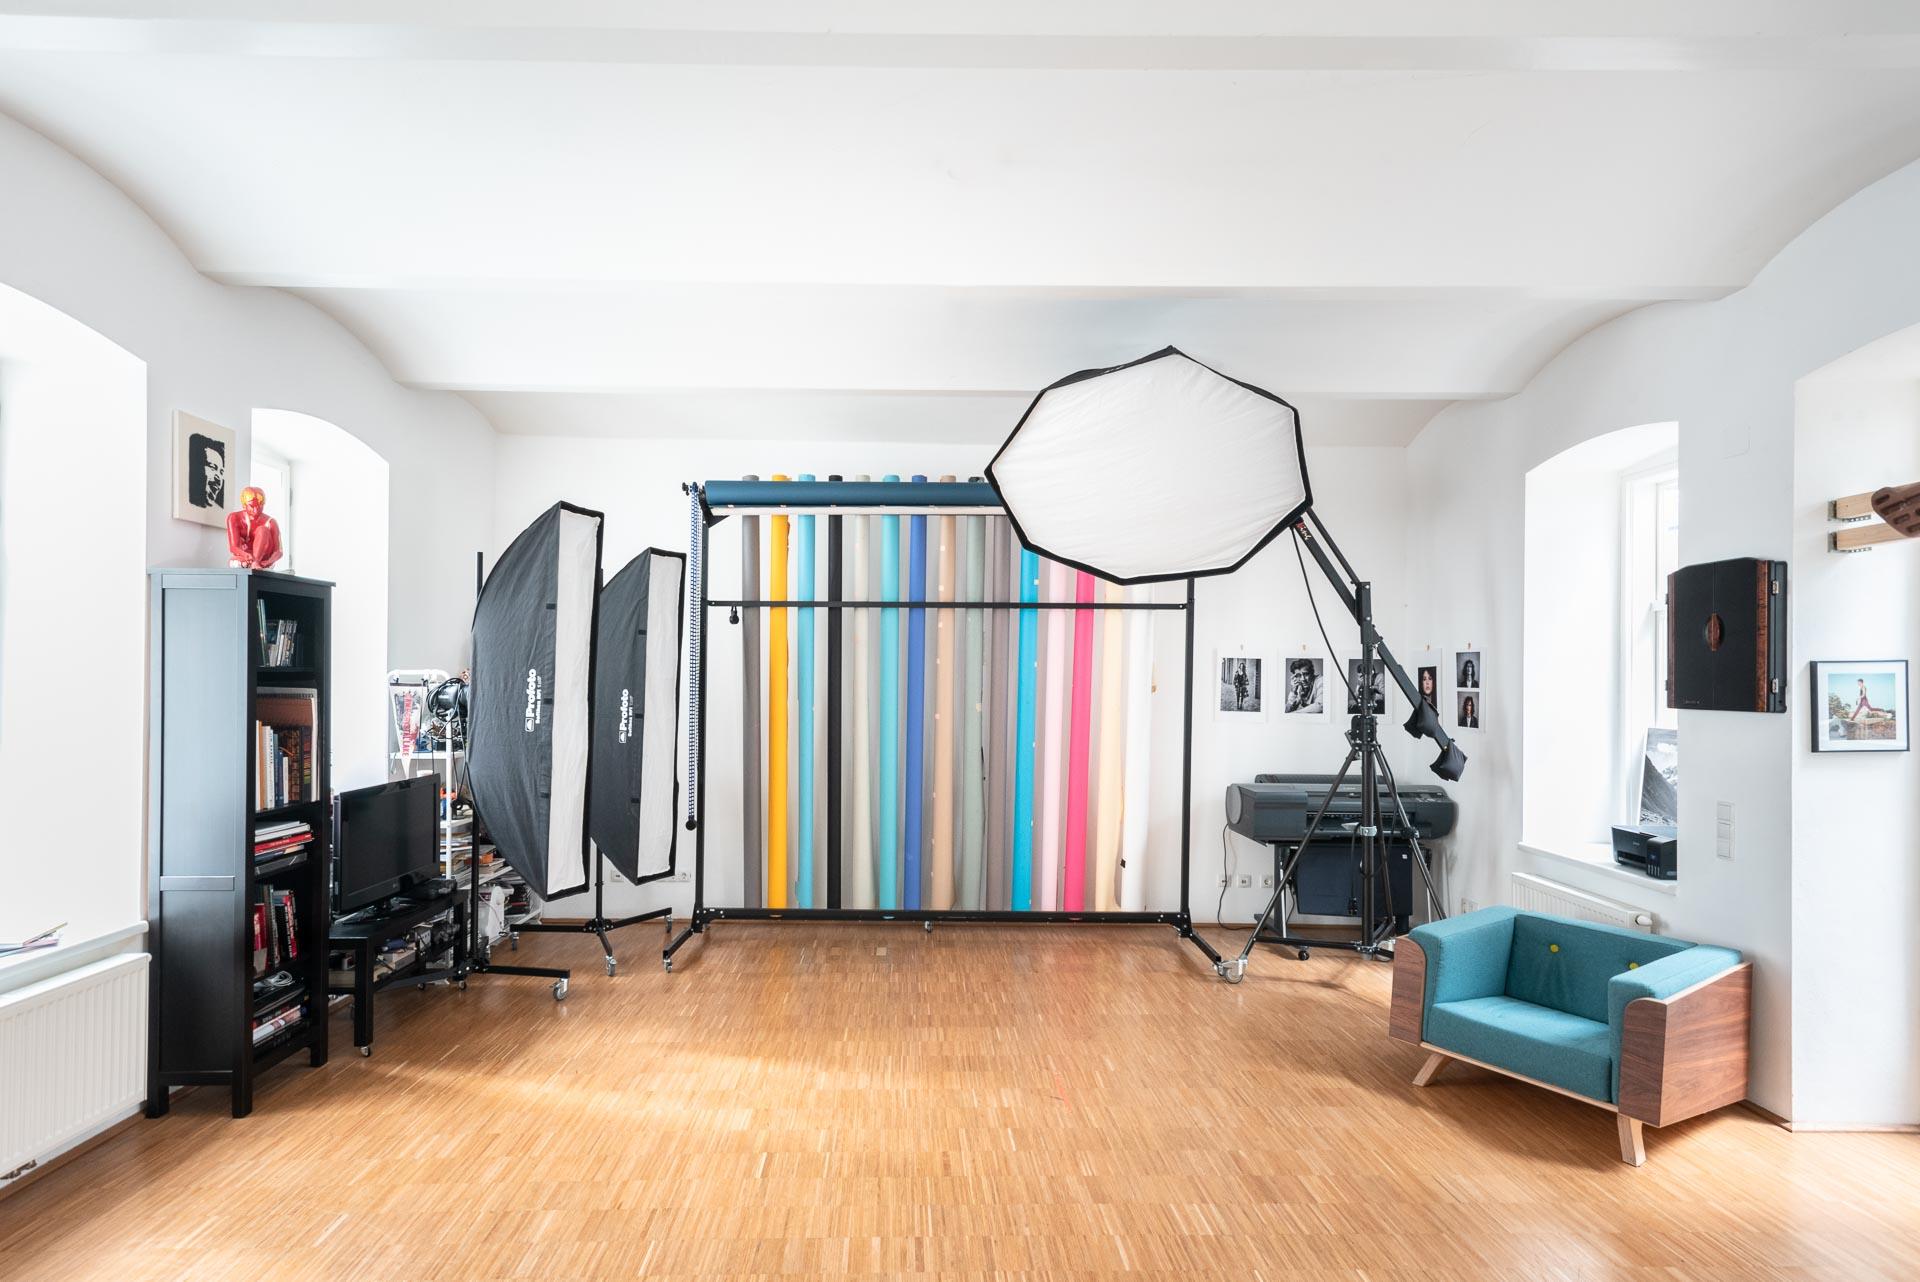 Top Mietstudio | Fotostudio | Atelier mit Wohnzimmerflair im 7. Bezirk!